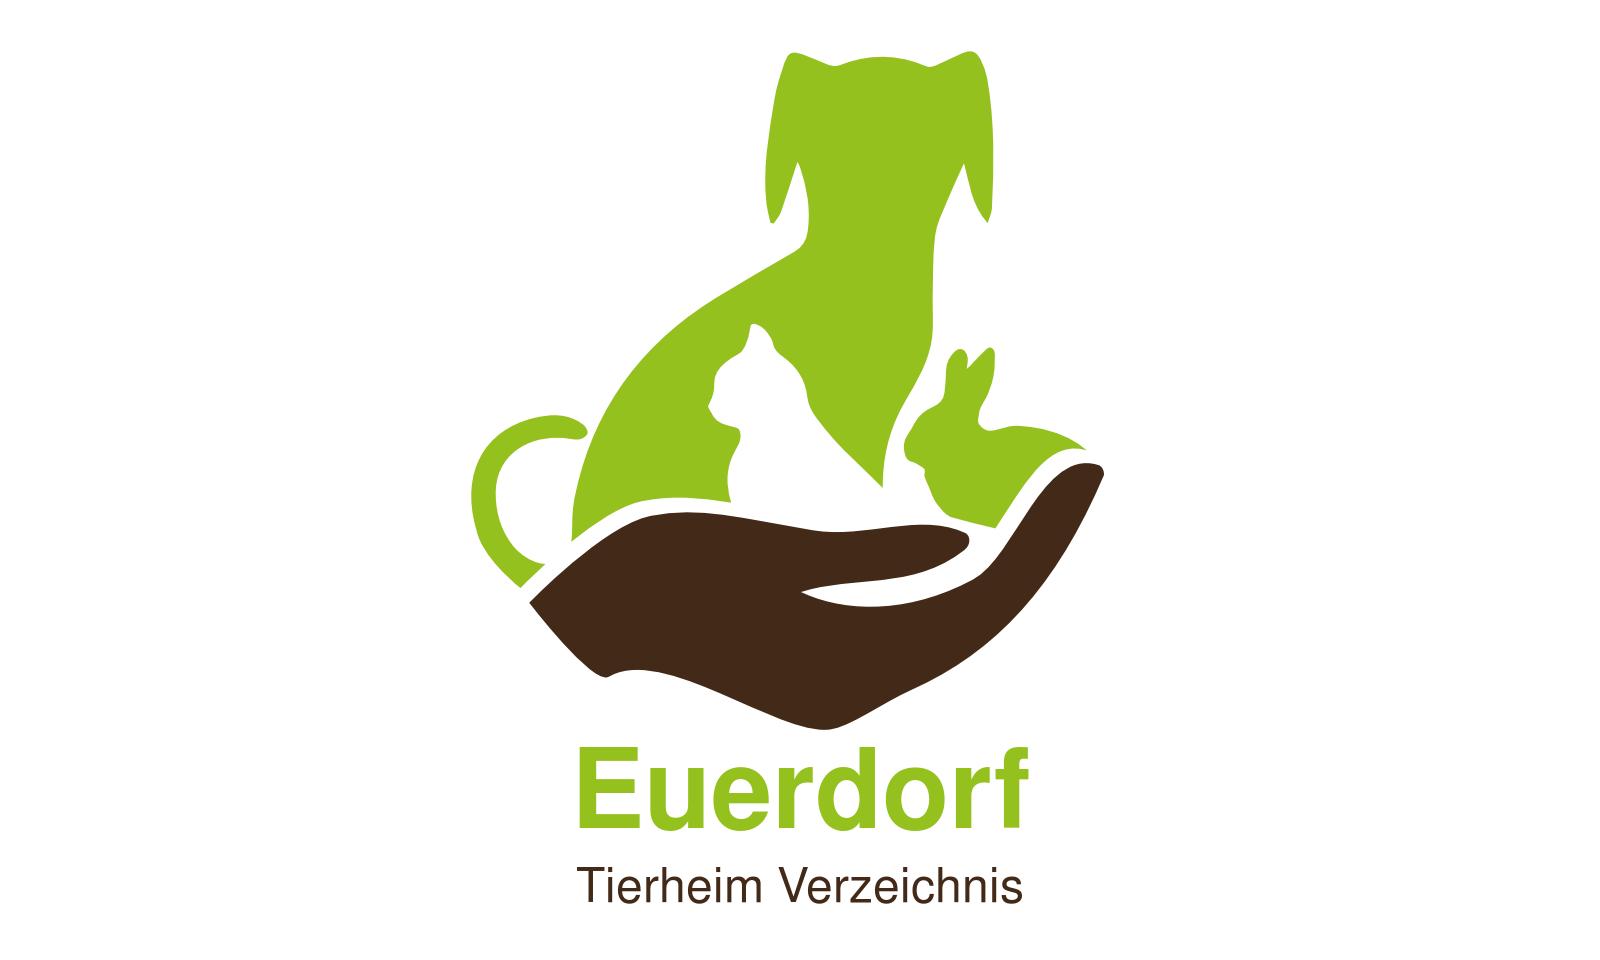 Tierheim Euerdorf